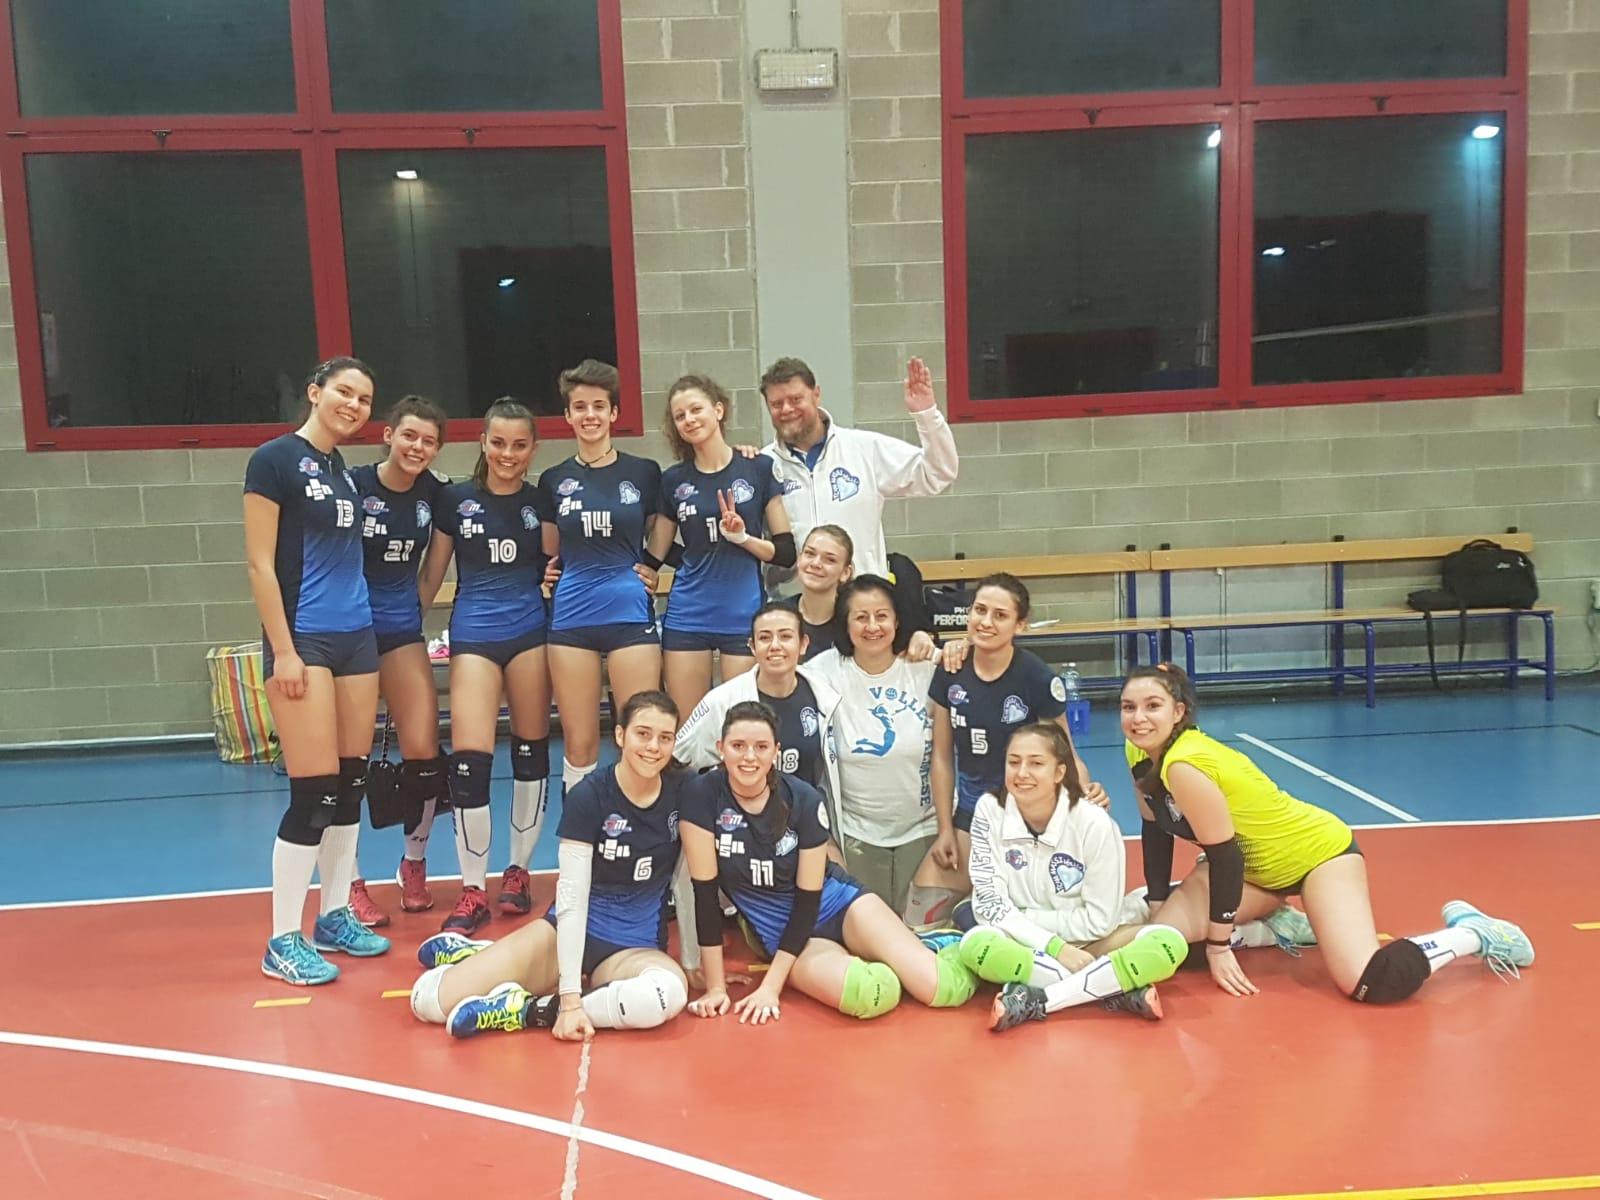 SERIE D : Sconfitta con onore  a Novara per 3 a 2 contro la prima in classifica.